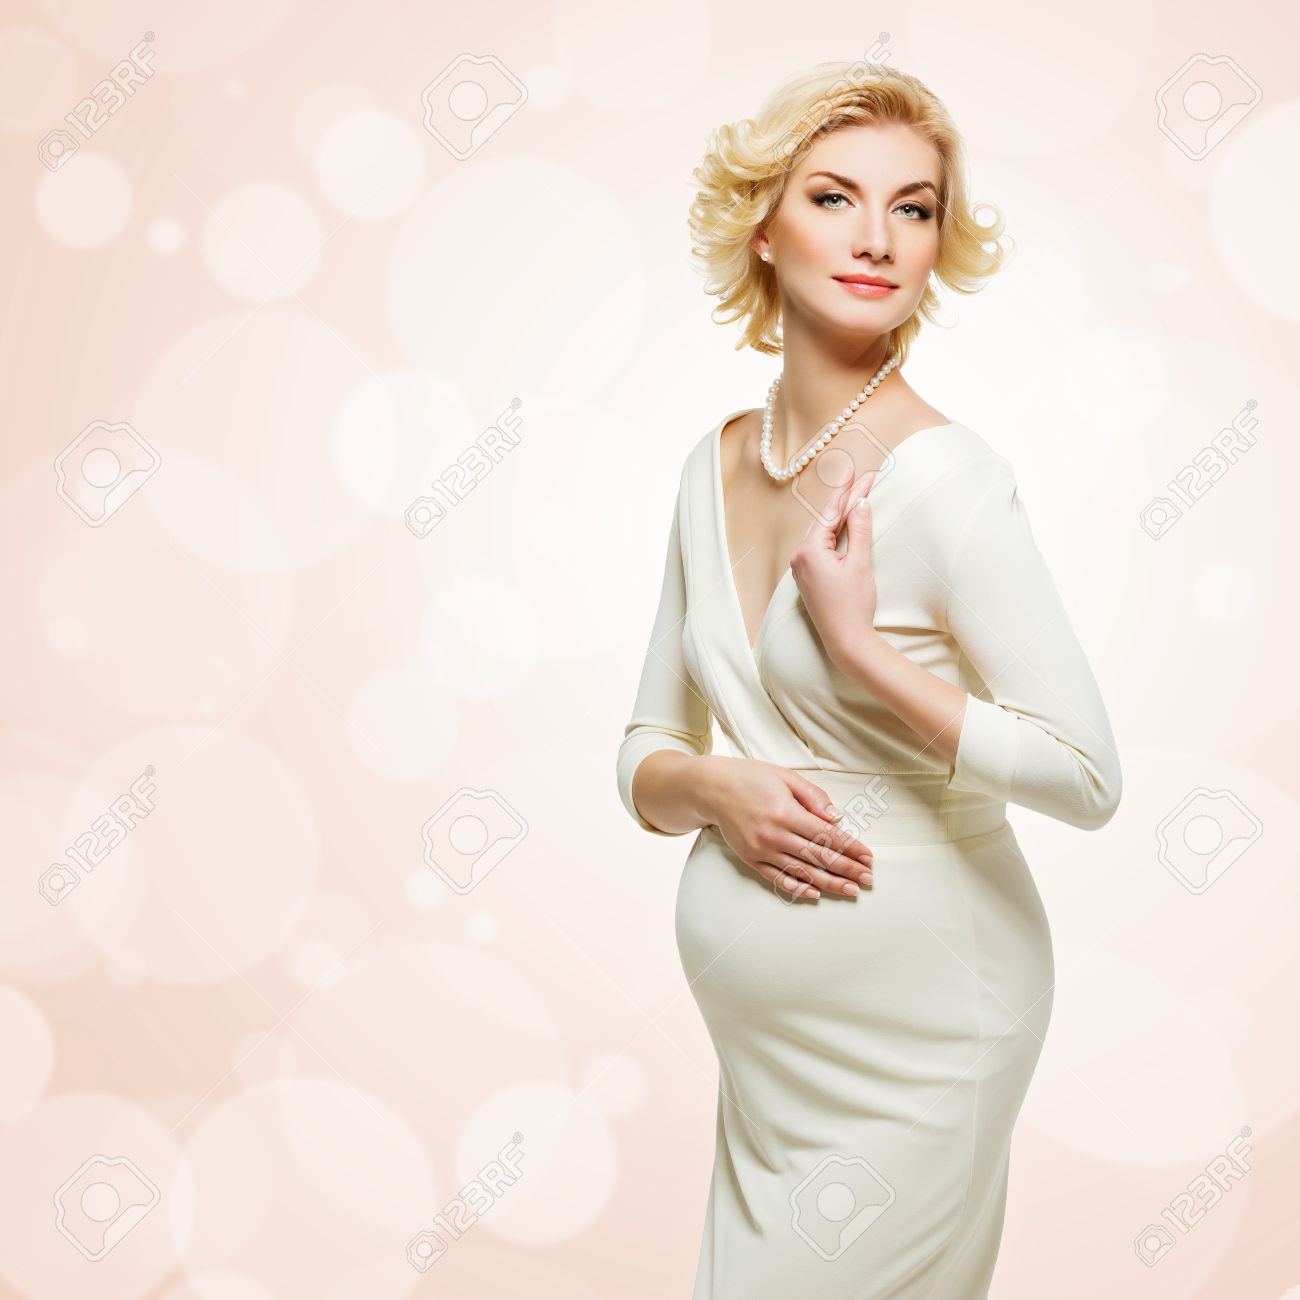 6e85294bf2 Bella elegante giovane donna incinta, che indossa bianco abito lungo in  piedi sopra la priorità bassa di corallo con bokeh. Copia spazio. Isolato.